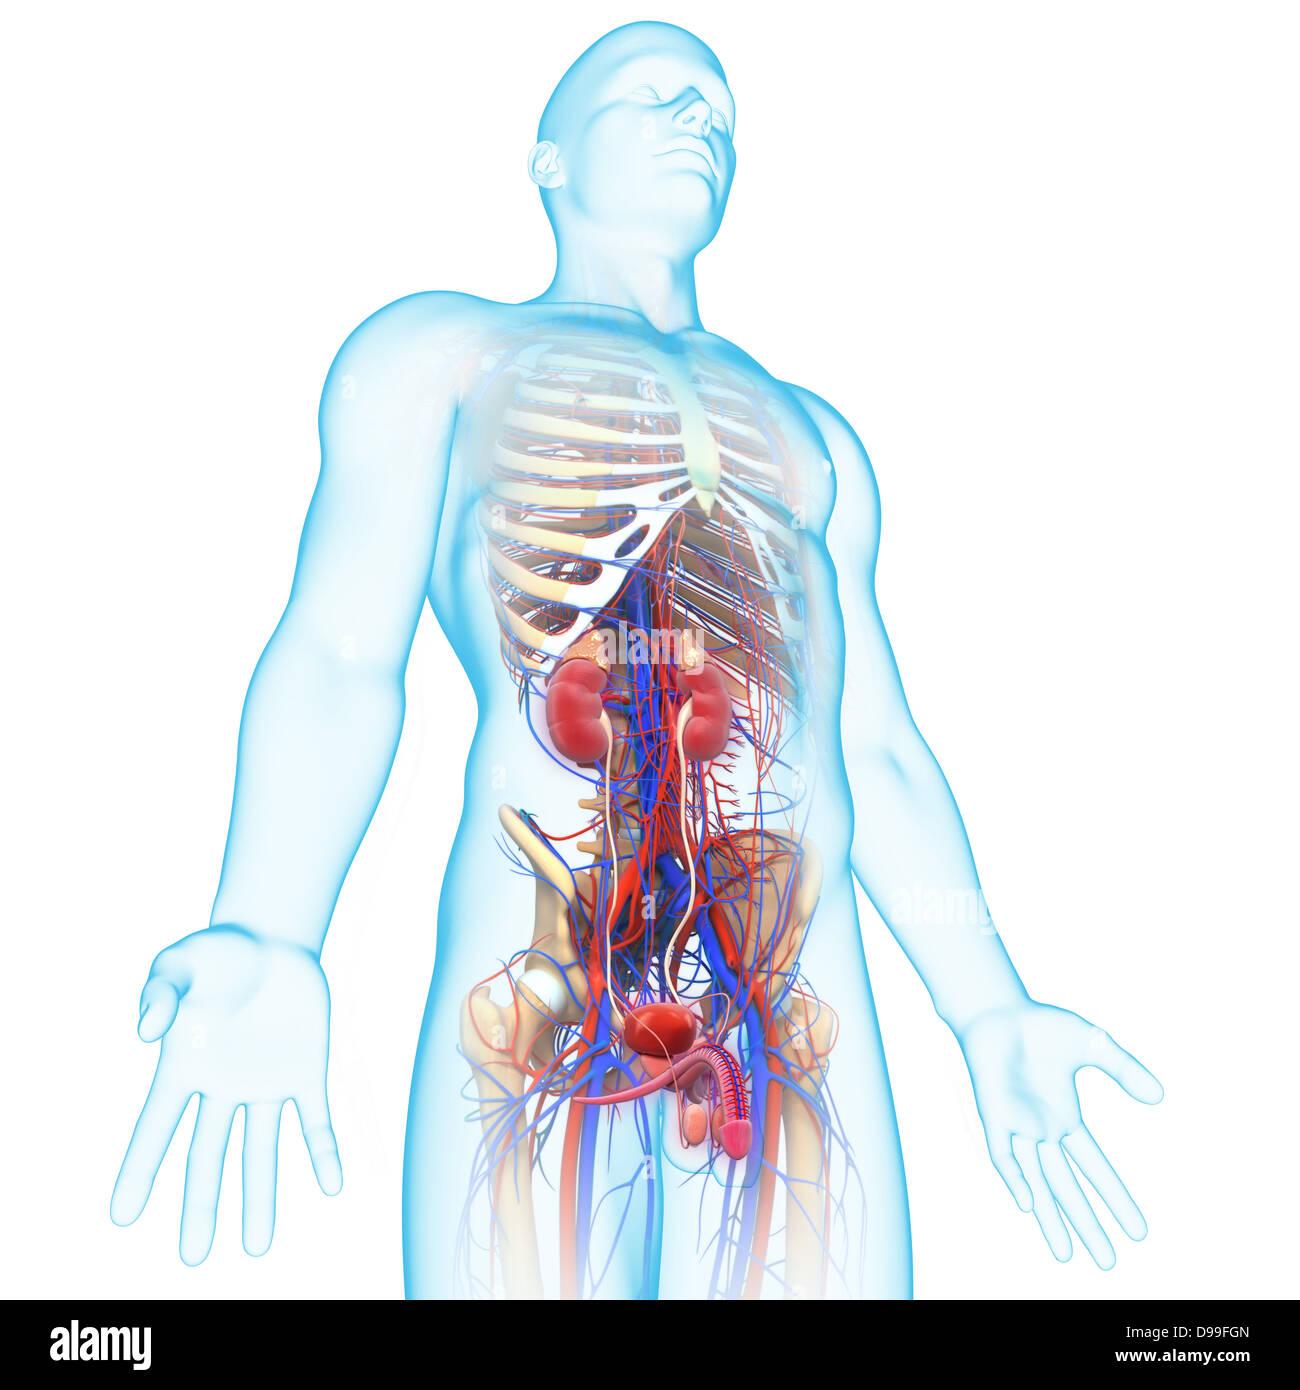 Urinary System Imágenes De Stock & Urinary System Fotos De Stock ...